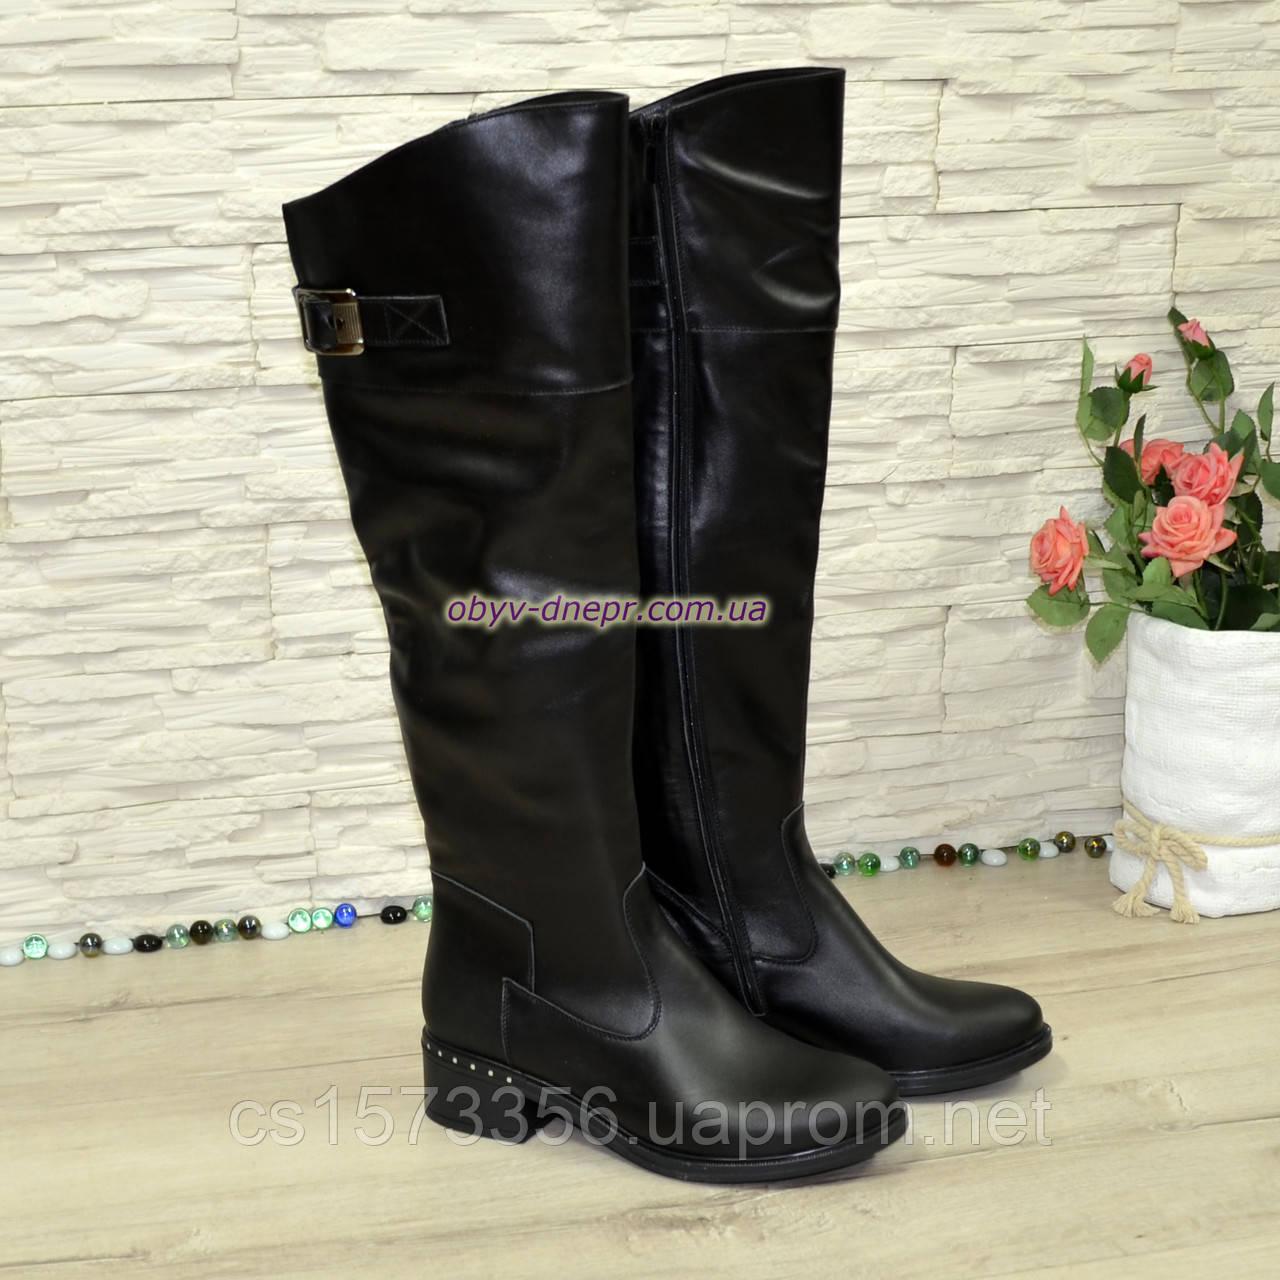 Ботфорты кожаные женские демисезонные на каблуке, черного цвета.